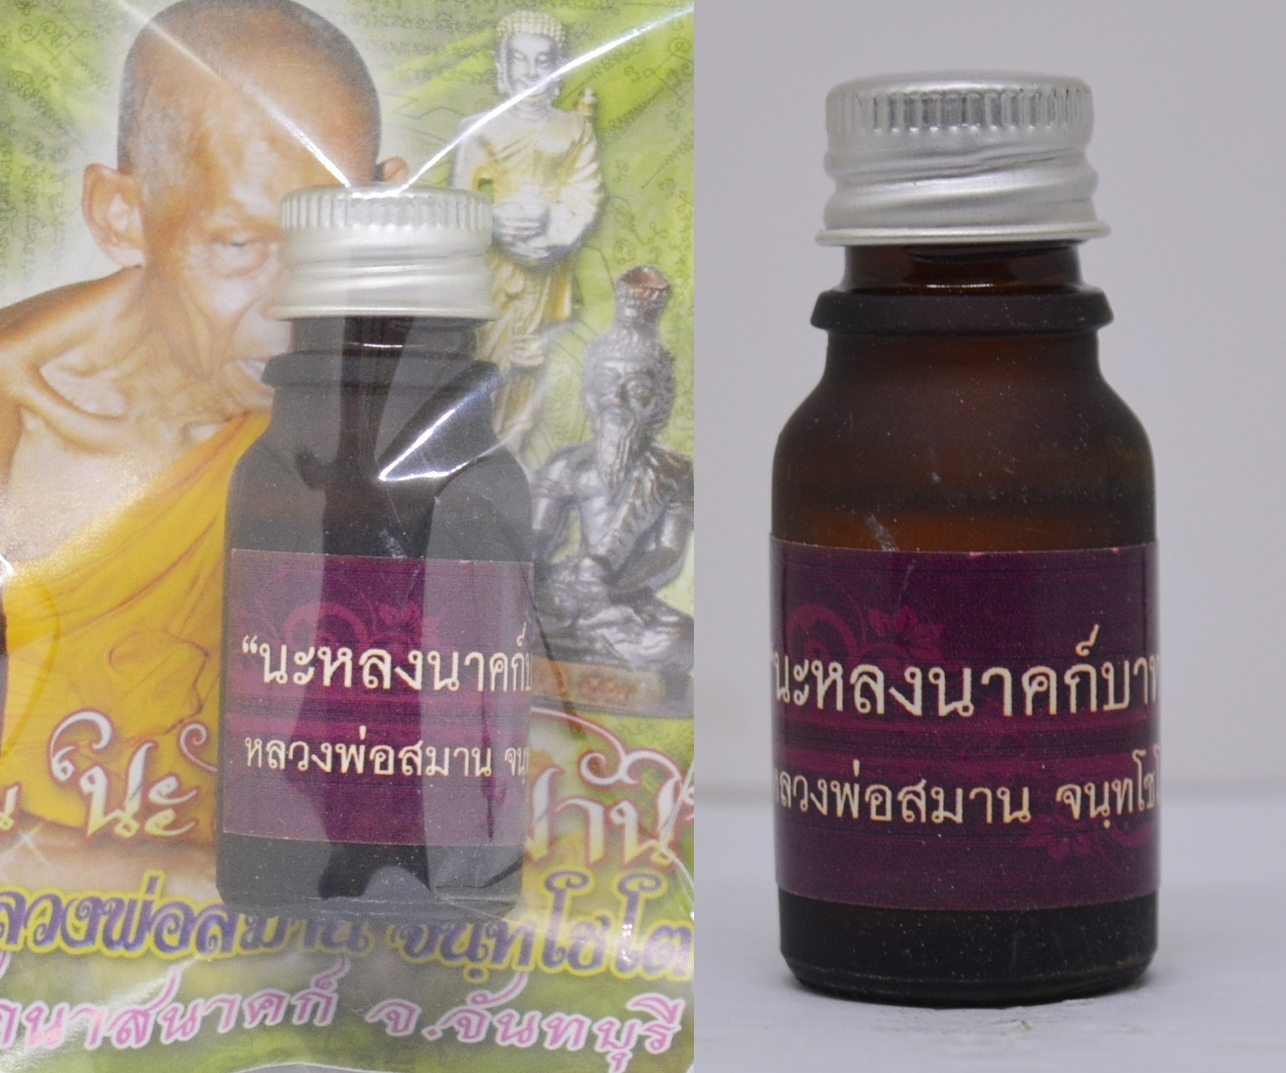 น้ำมันนะหลงนาคบาศร์ แรงด้วยพลังอาถรรพ์ หลวงพ่อสมาน วัดนาสนาคก์ จันทบุรี 2556